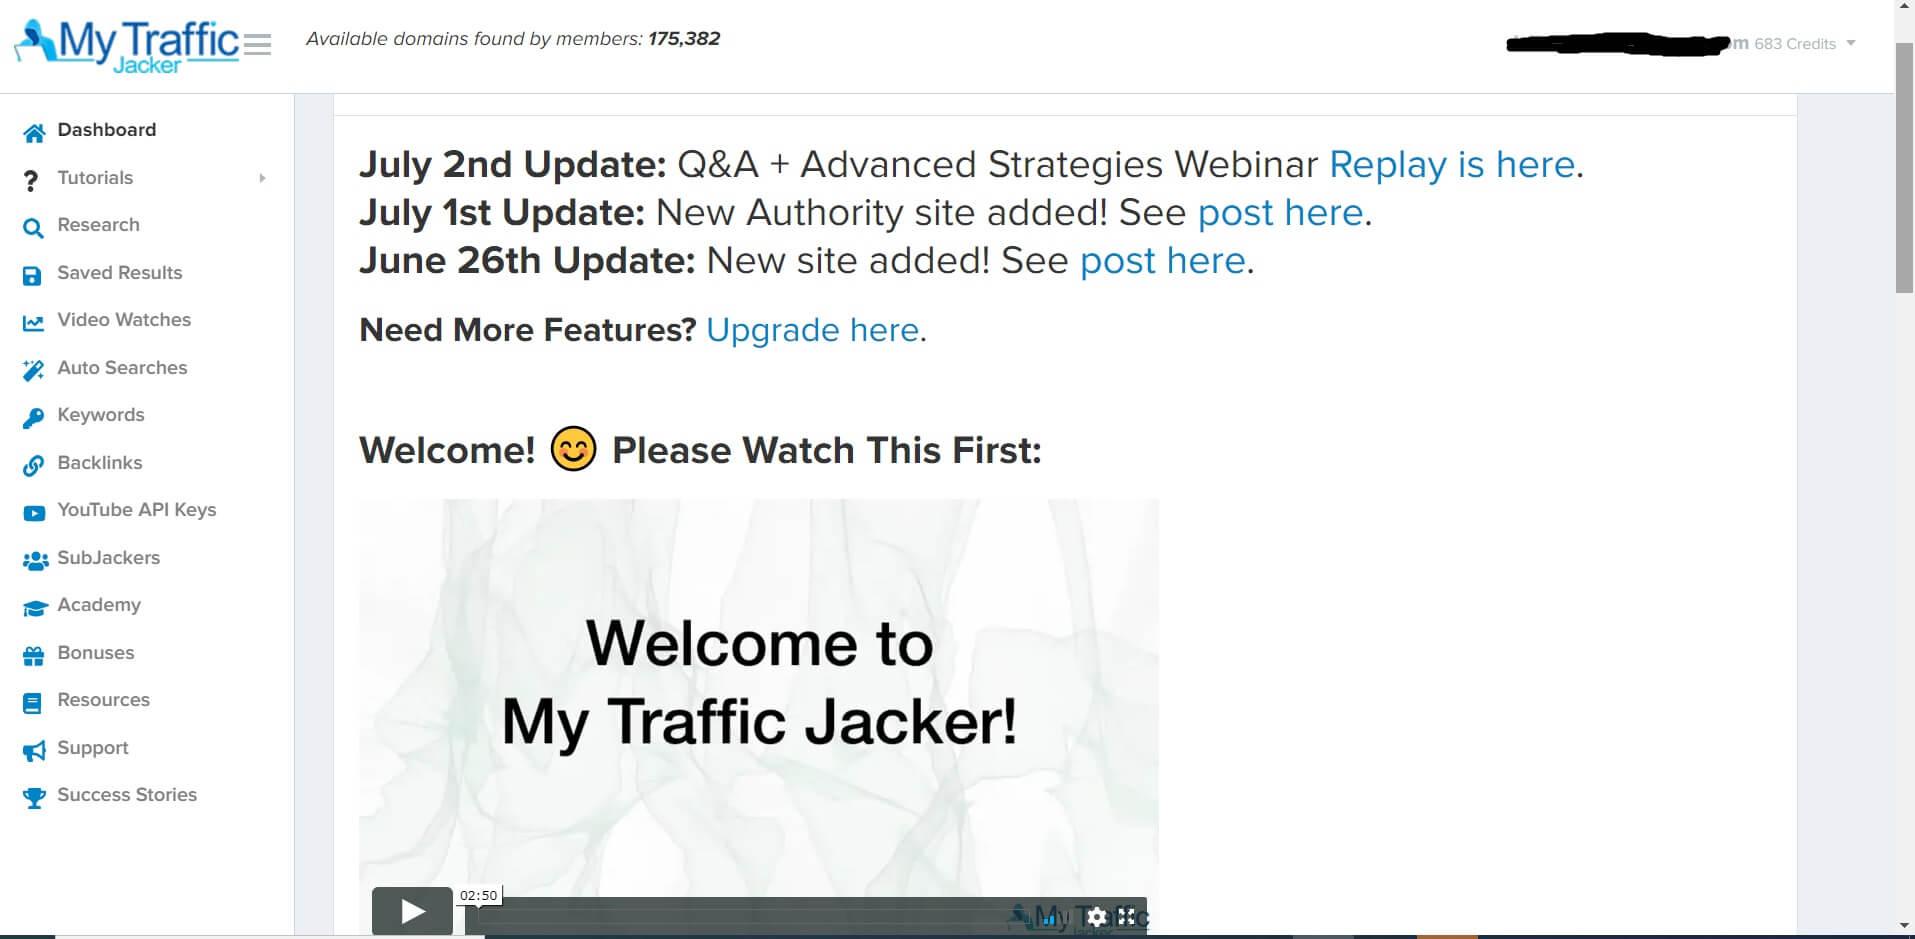 my traffic jacker 2.0 pro interface